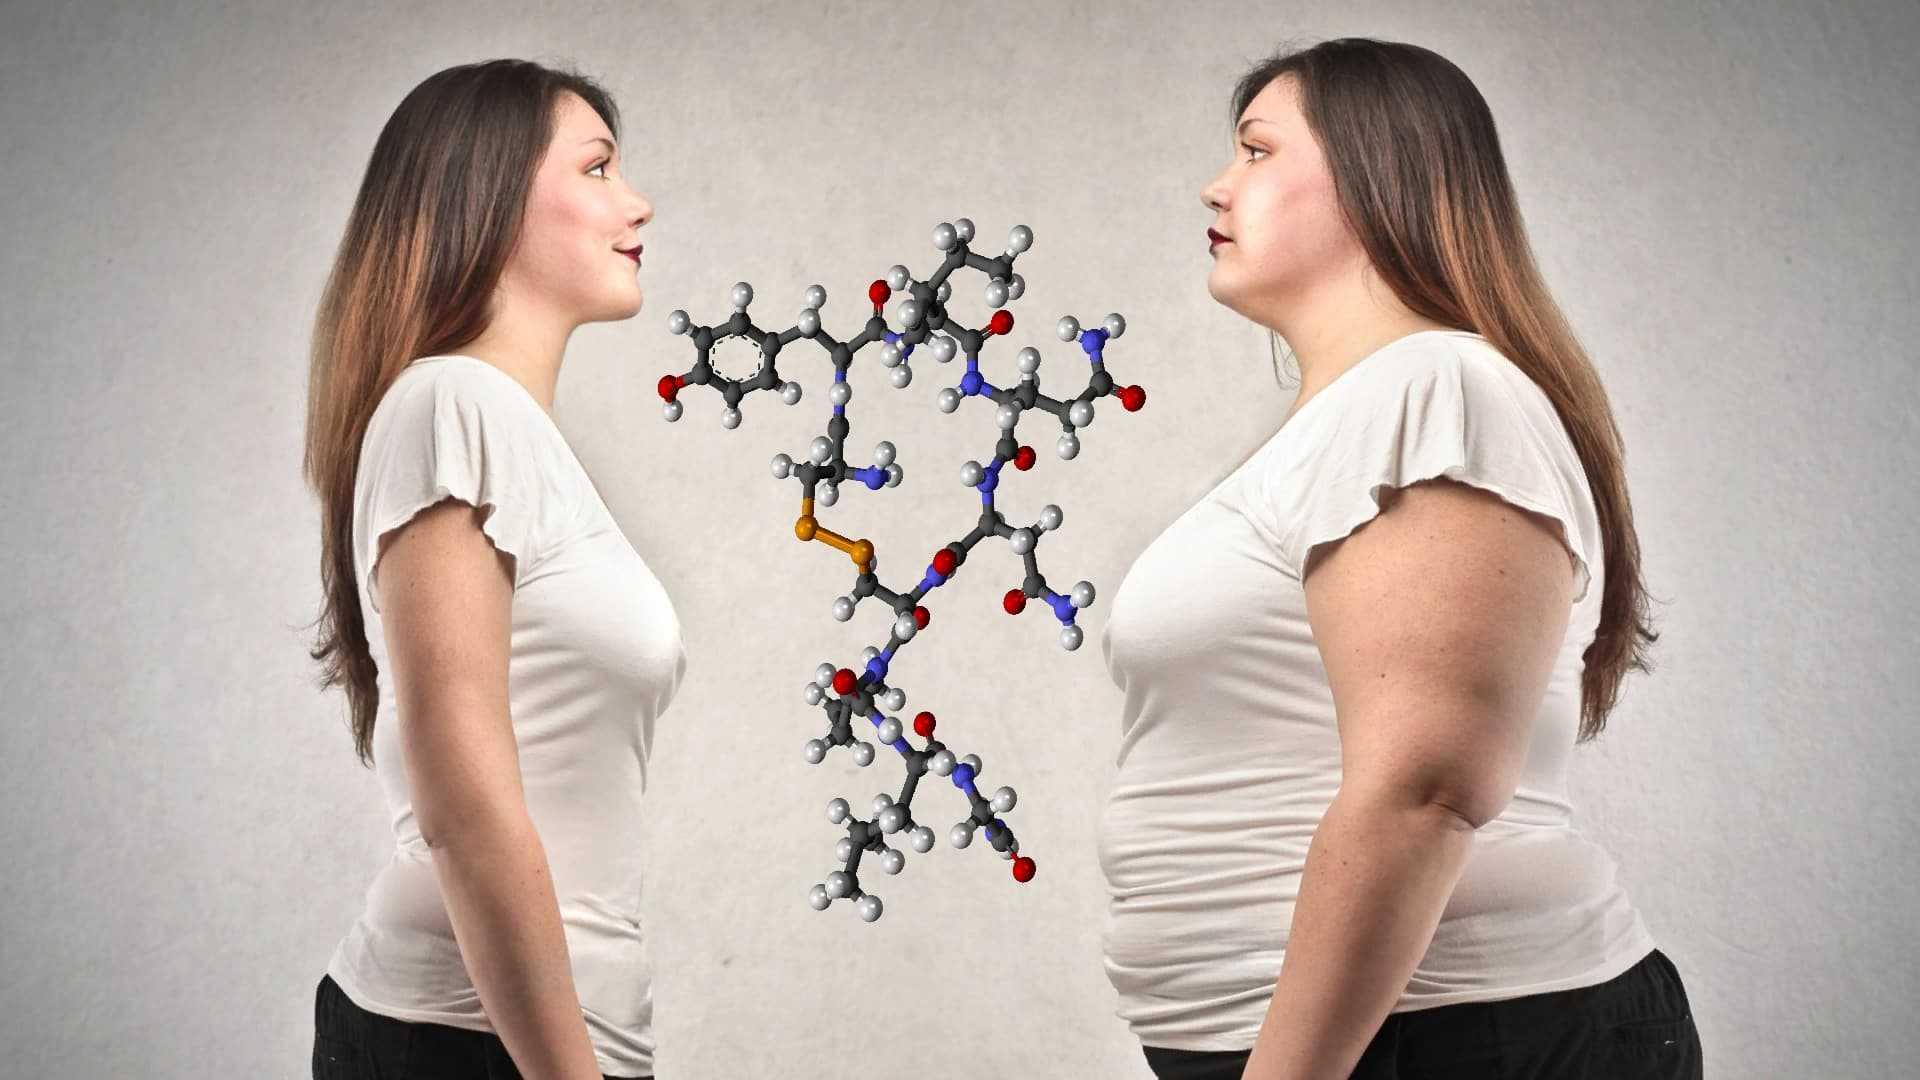 Сбросить Вес После Гормонального Сбоя. Как можно похудеть при гормональном сбое: специальные диеты, рекомендованные продукты и правила